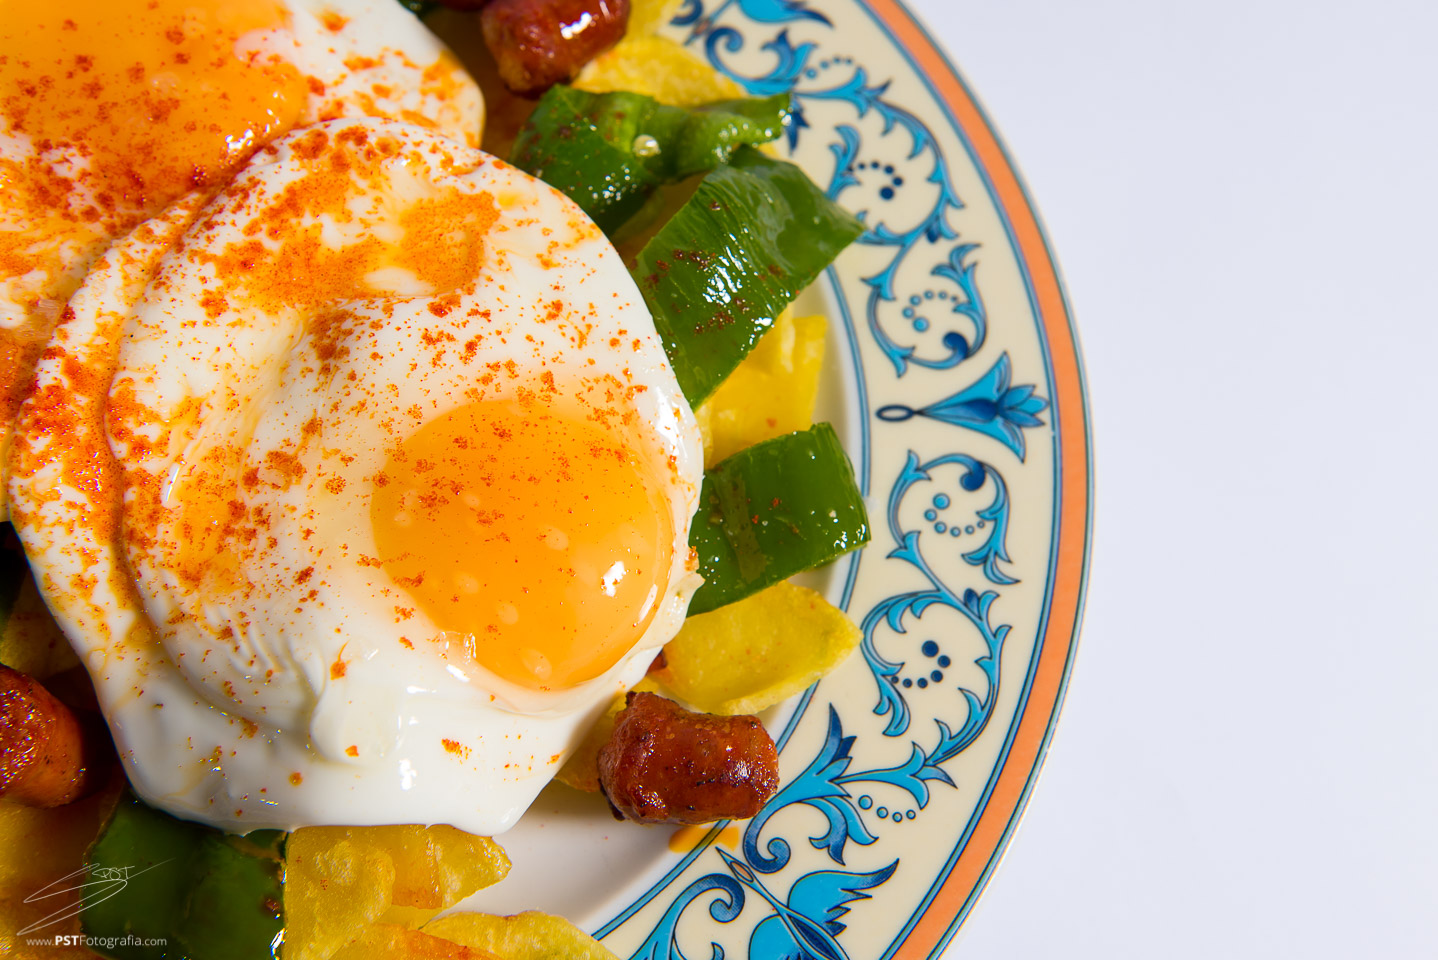 Huevos rotos con Chistorra, fotografía de producto en Alcoy